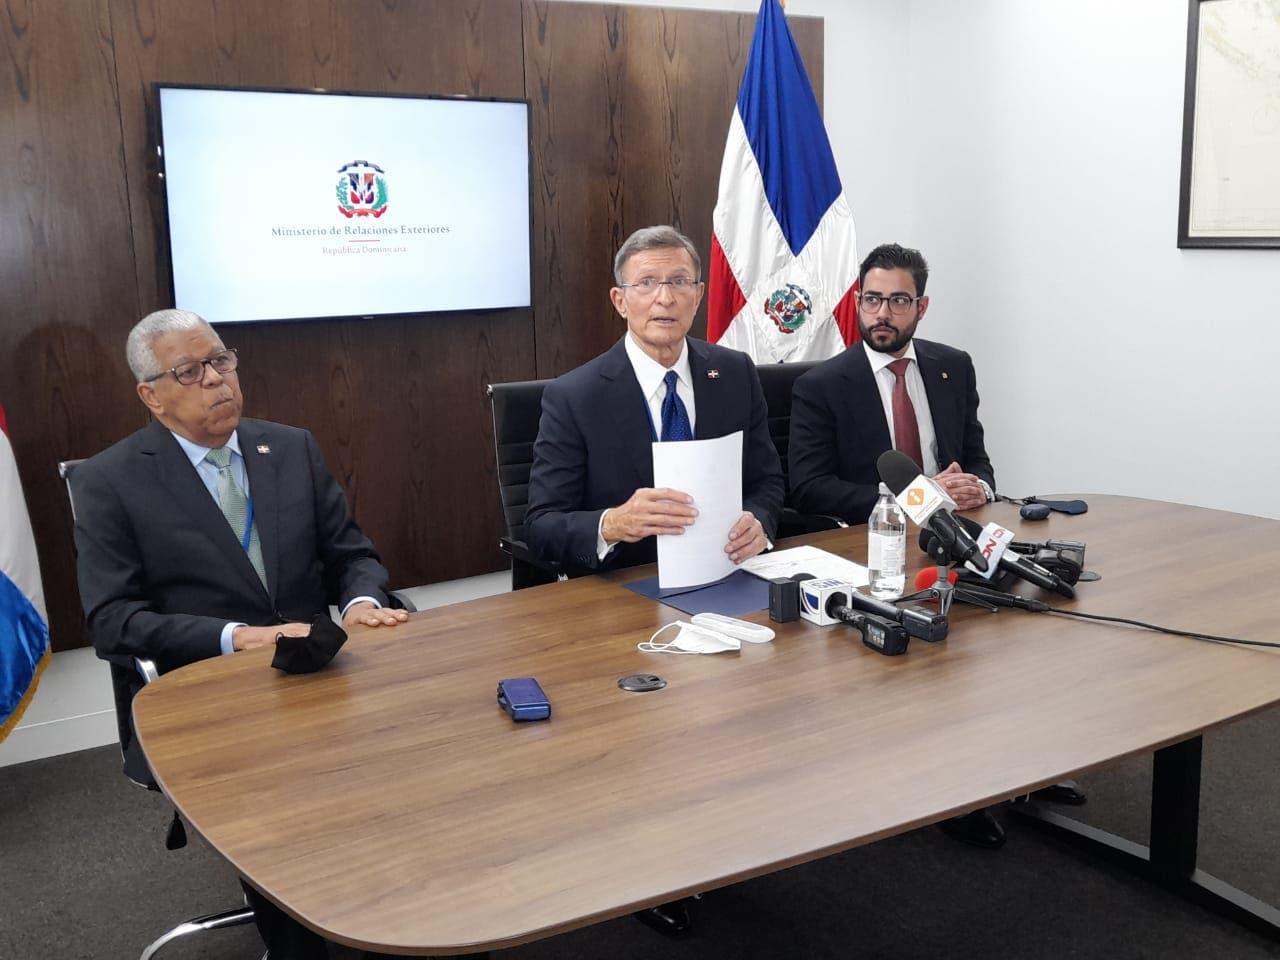 República Dominicana, Costa Rica y Panamá expresan preocupación por Haití ante la ONU